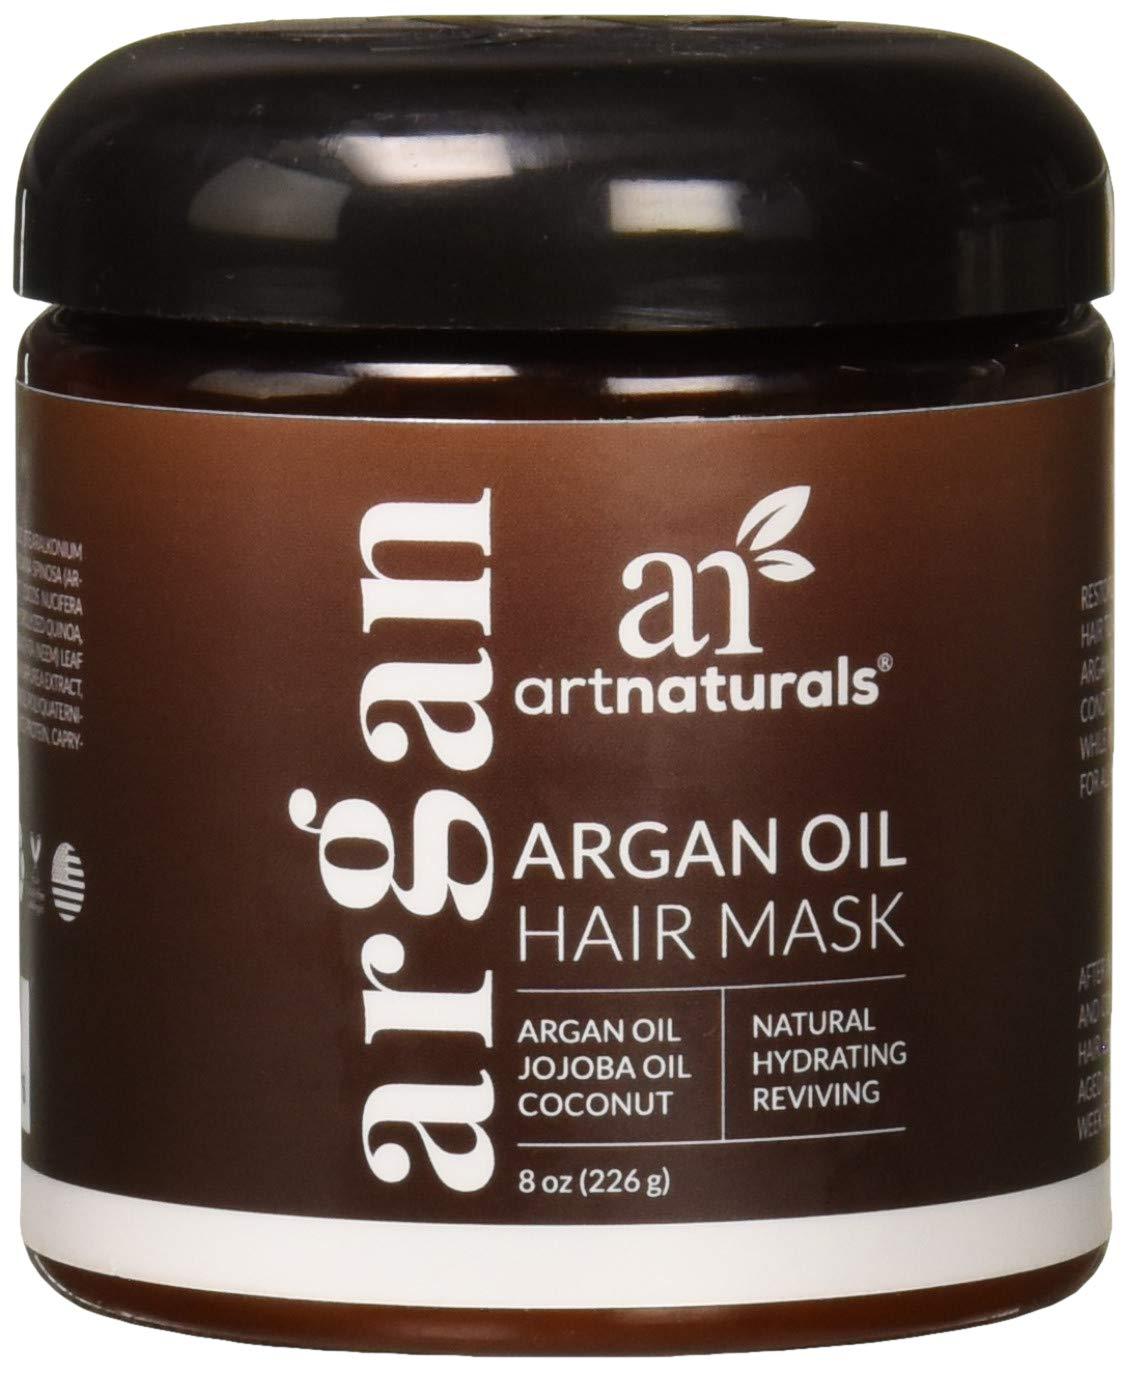 Artnaturals Argan Hair Mask Ounce